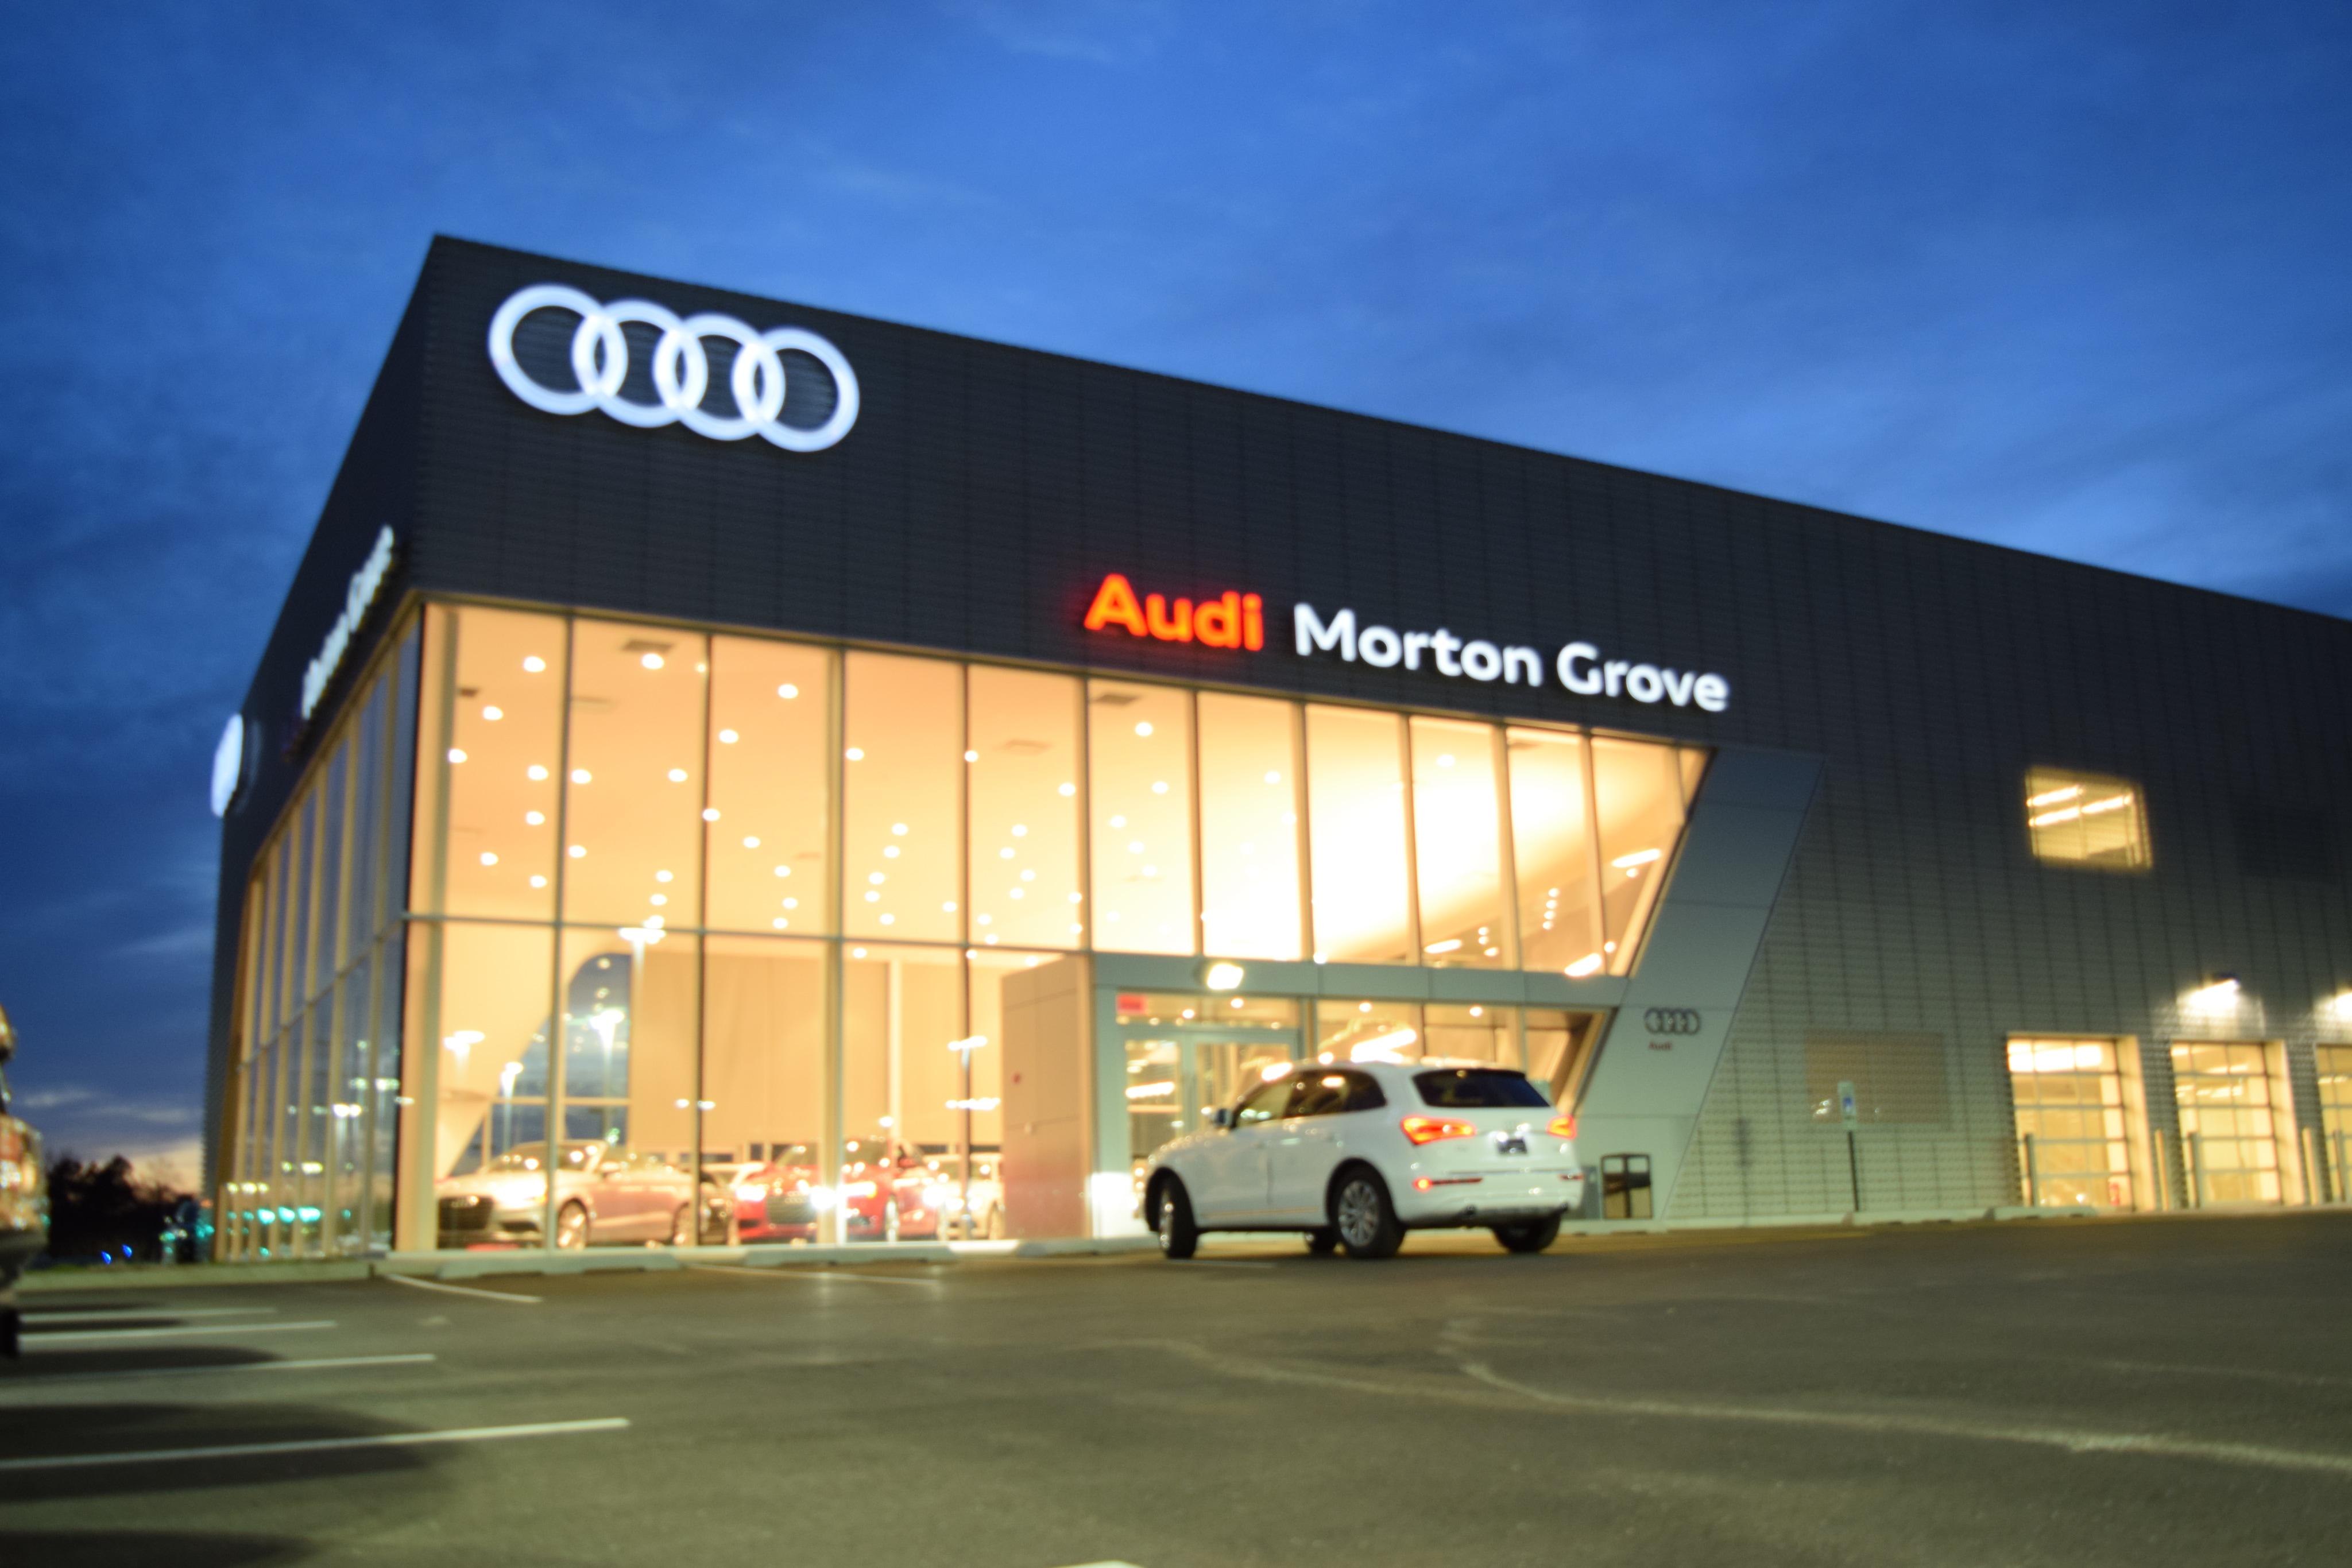 2016 Audi A3 Morton Grove Il At Audi Morton Grove Serving Chicago Il